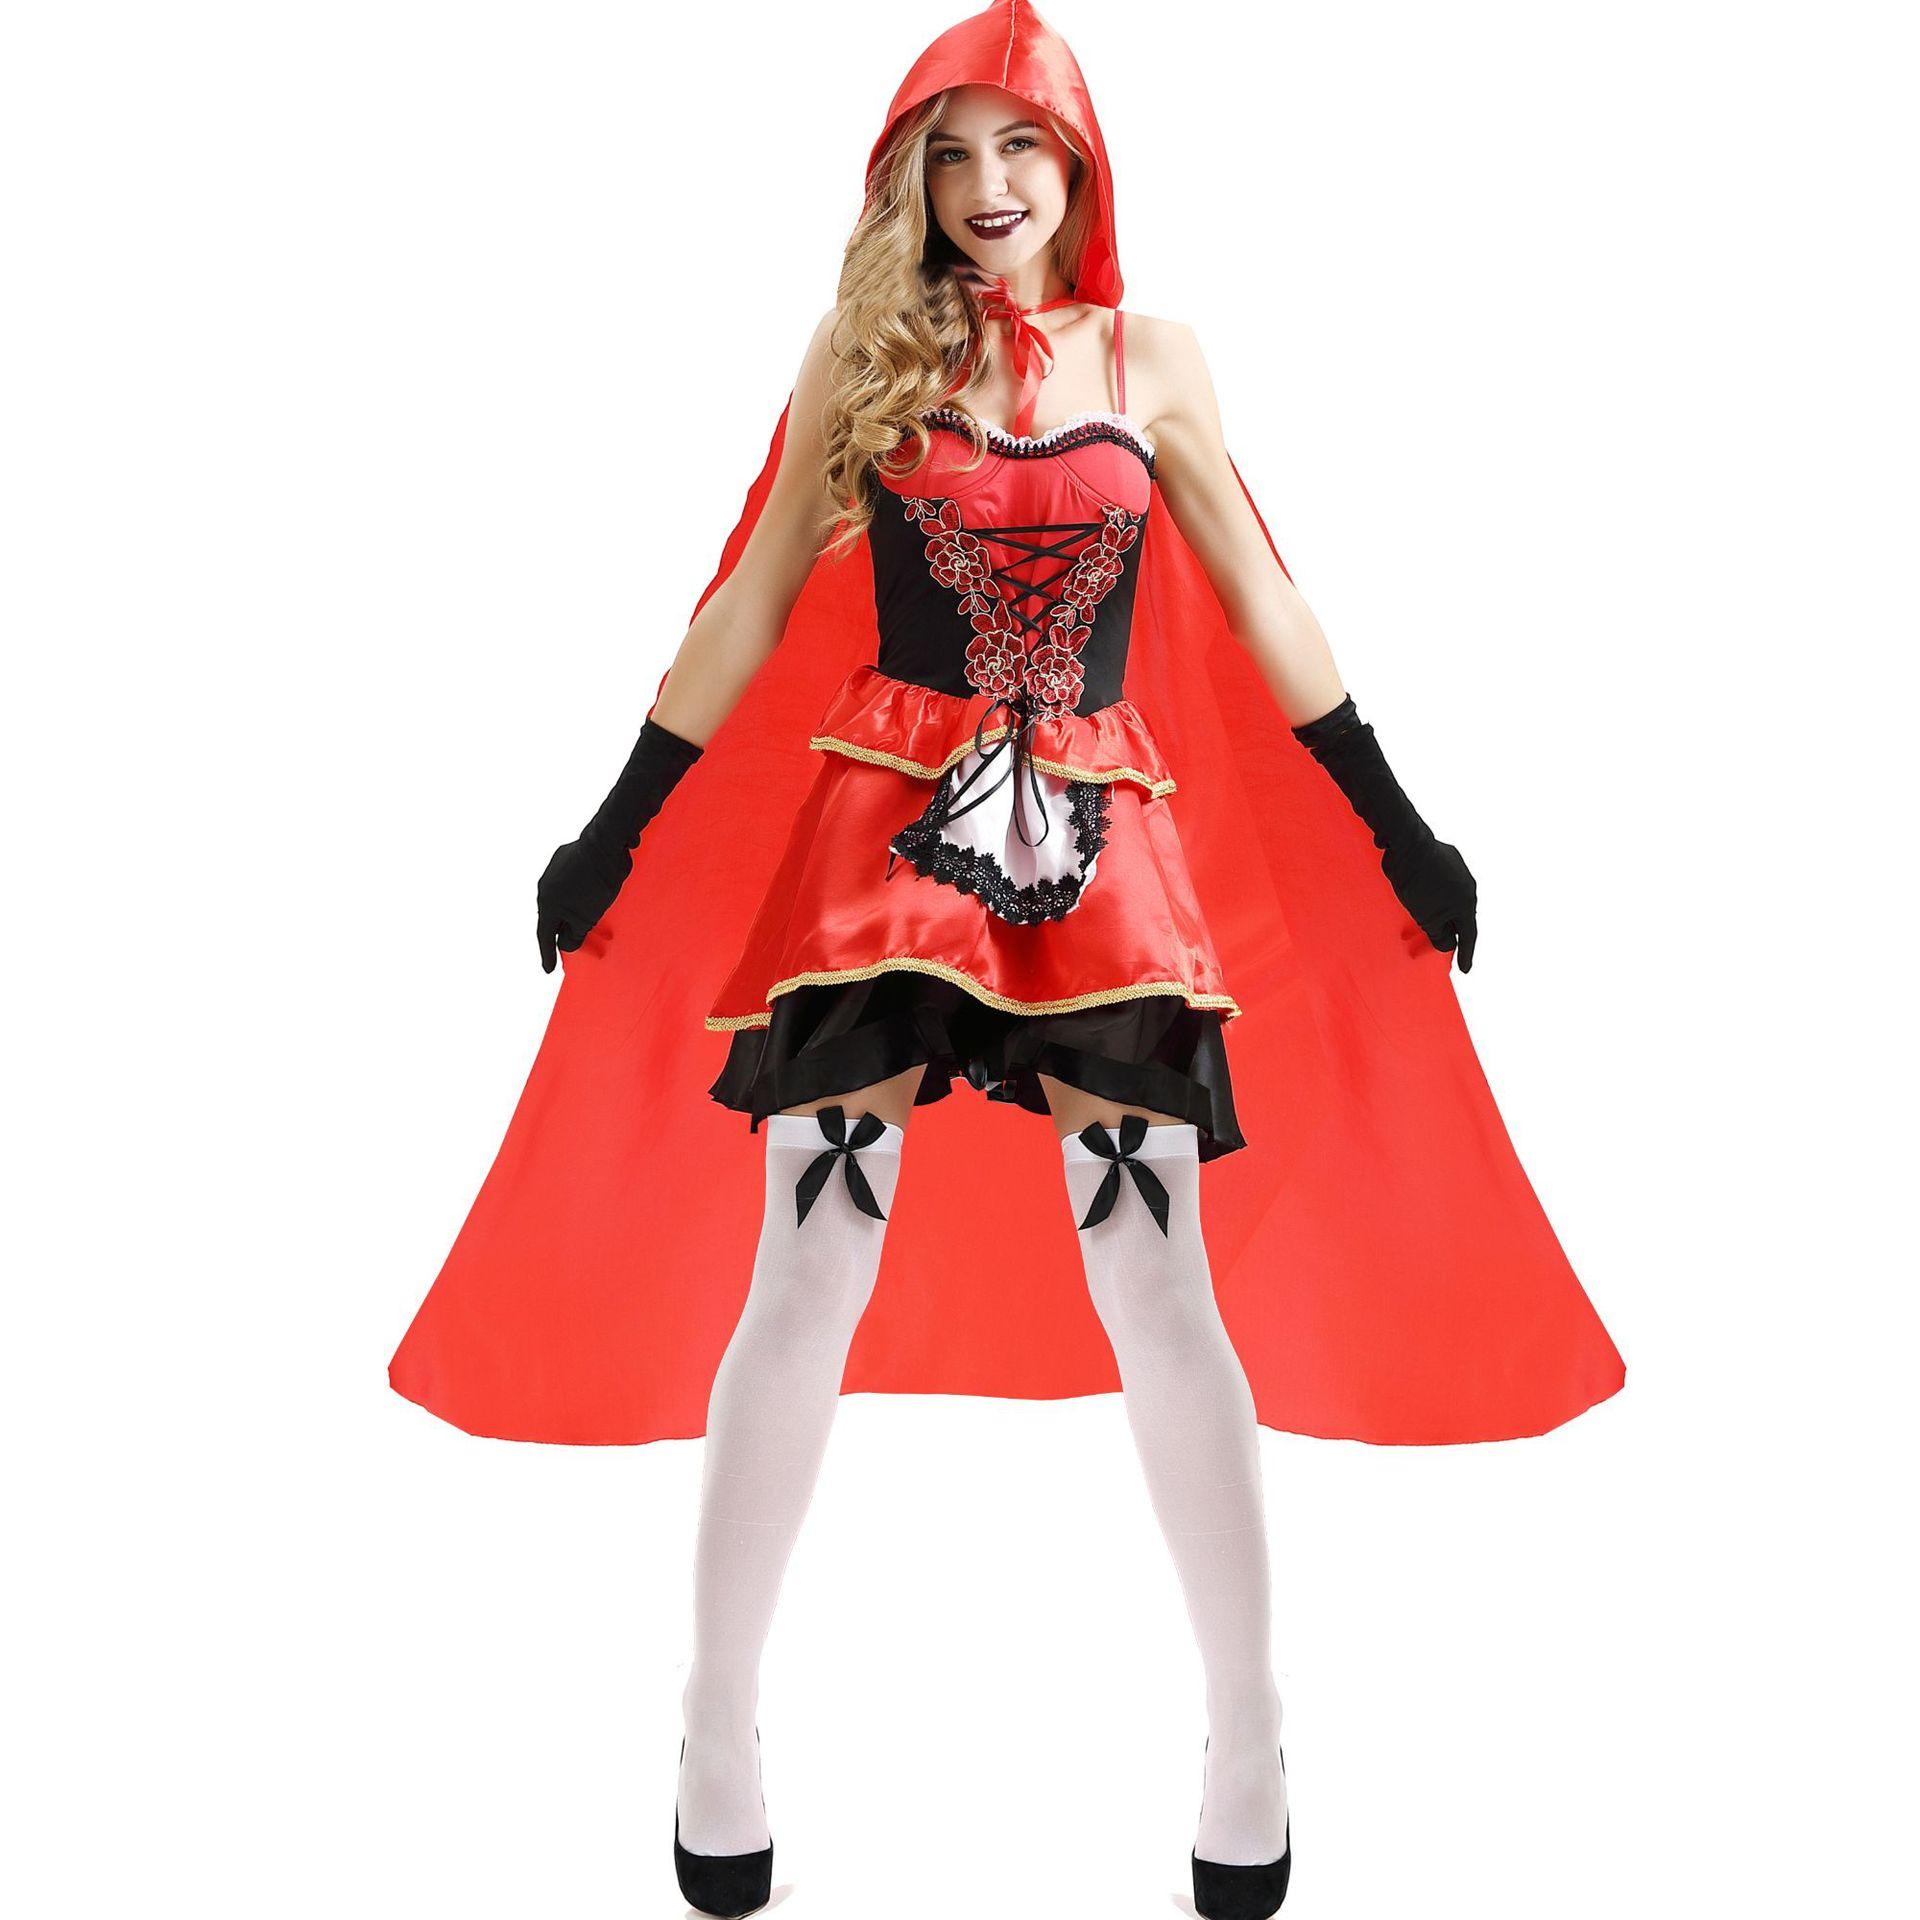 Cosplay Kostüm Halloween Uniform C Anime Frauen Menge Kleine rote Reit haube Kleider